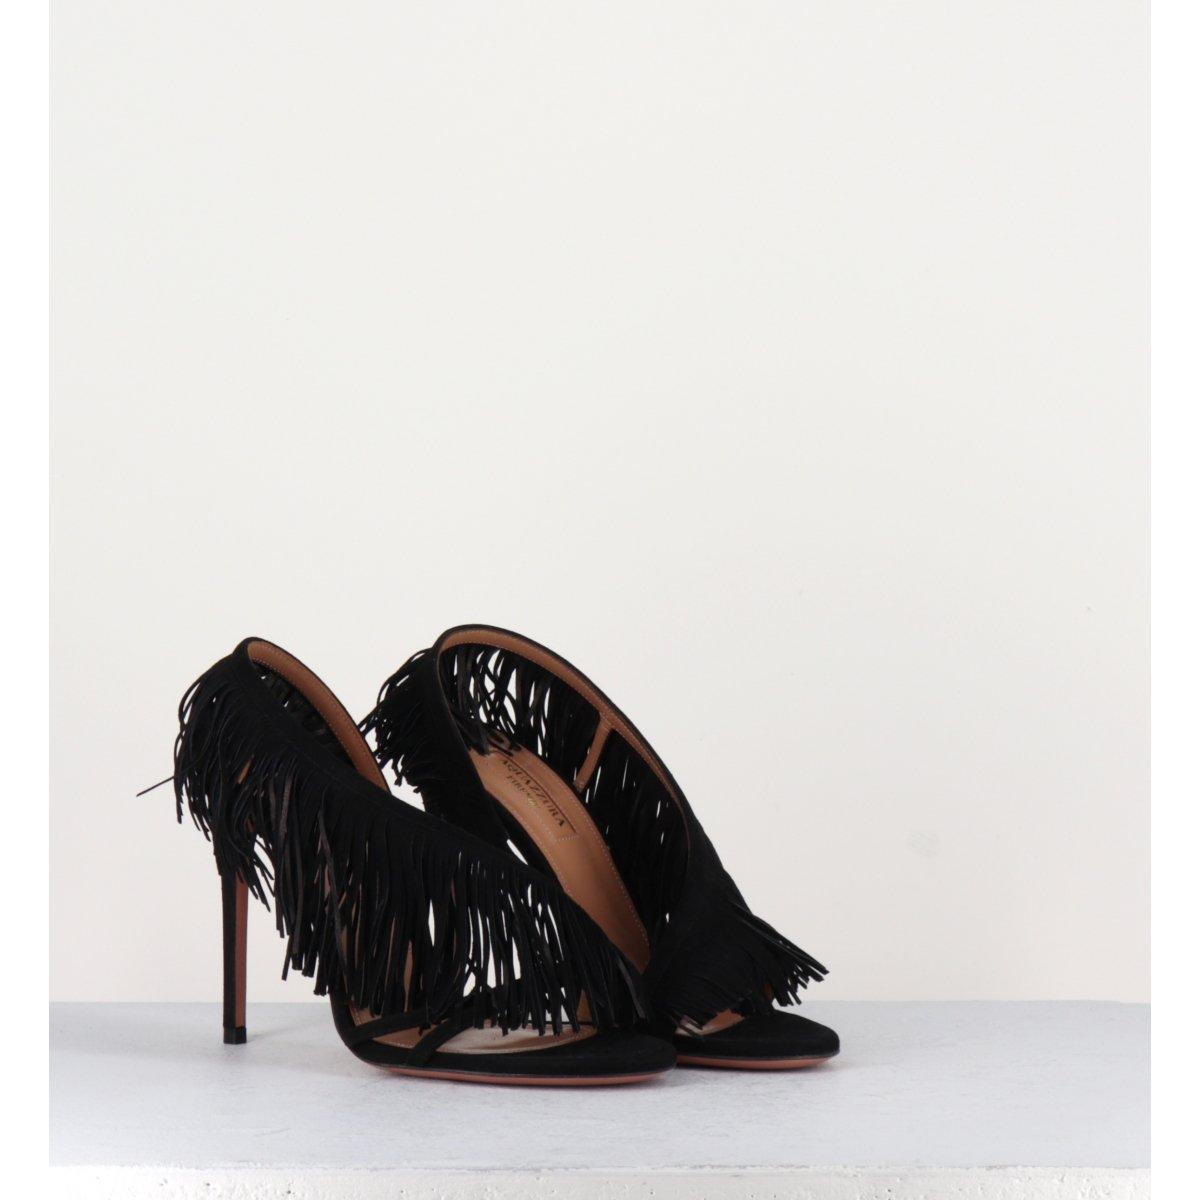 Sandales à talons hauts à franges noir Aquazzura - WILD FRINGE SANDAL105